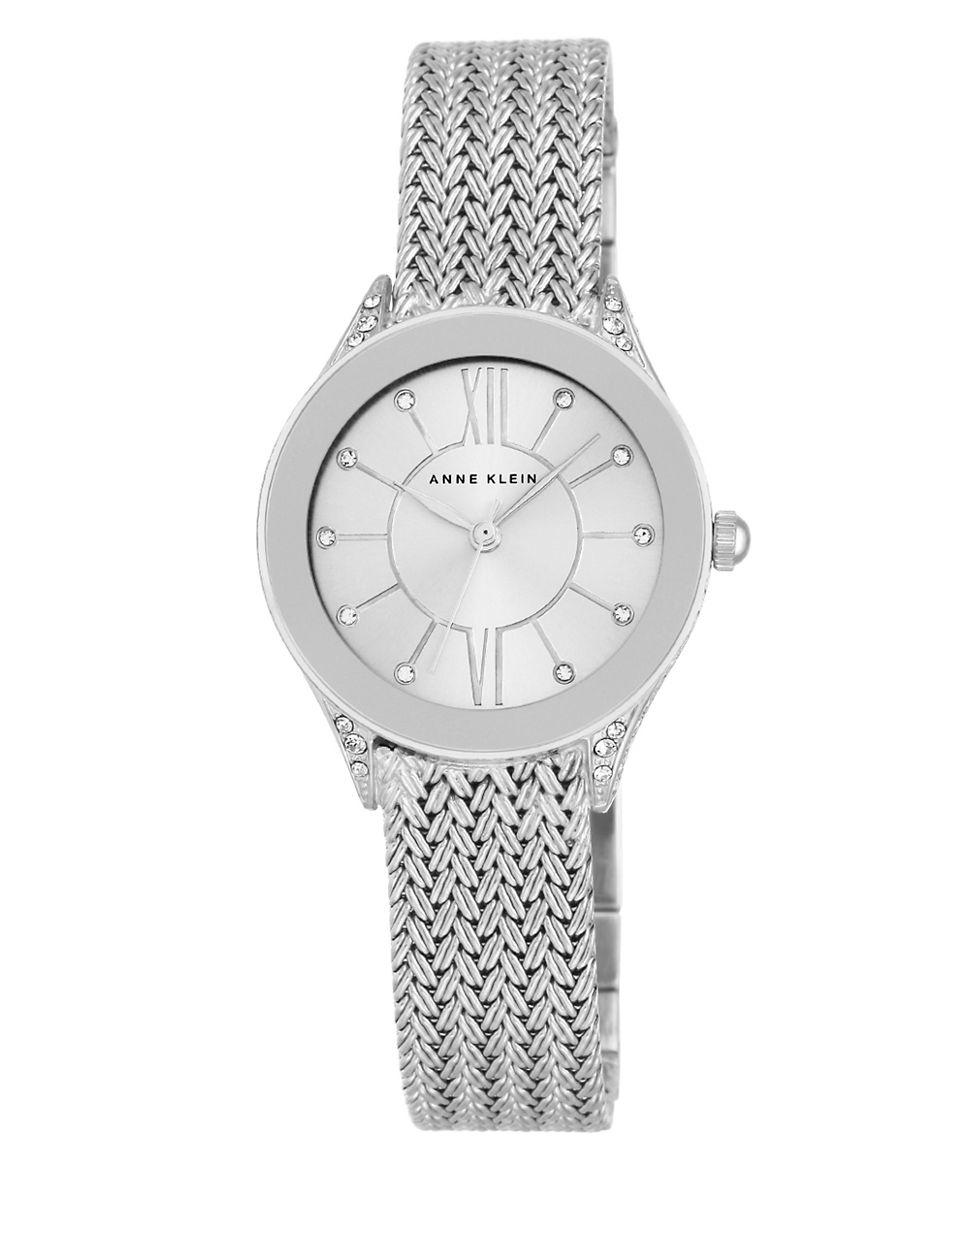 Lyst anne klein silvertone and swarovski crystal watch in metallic for Anne klein swarovski crystals